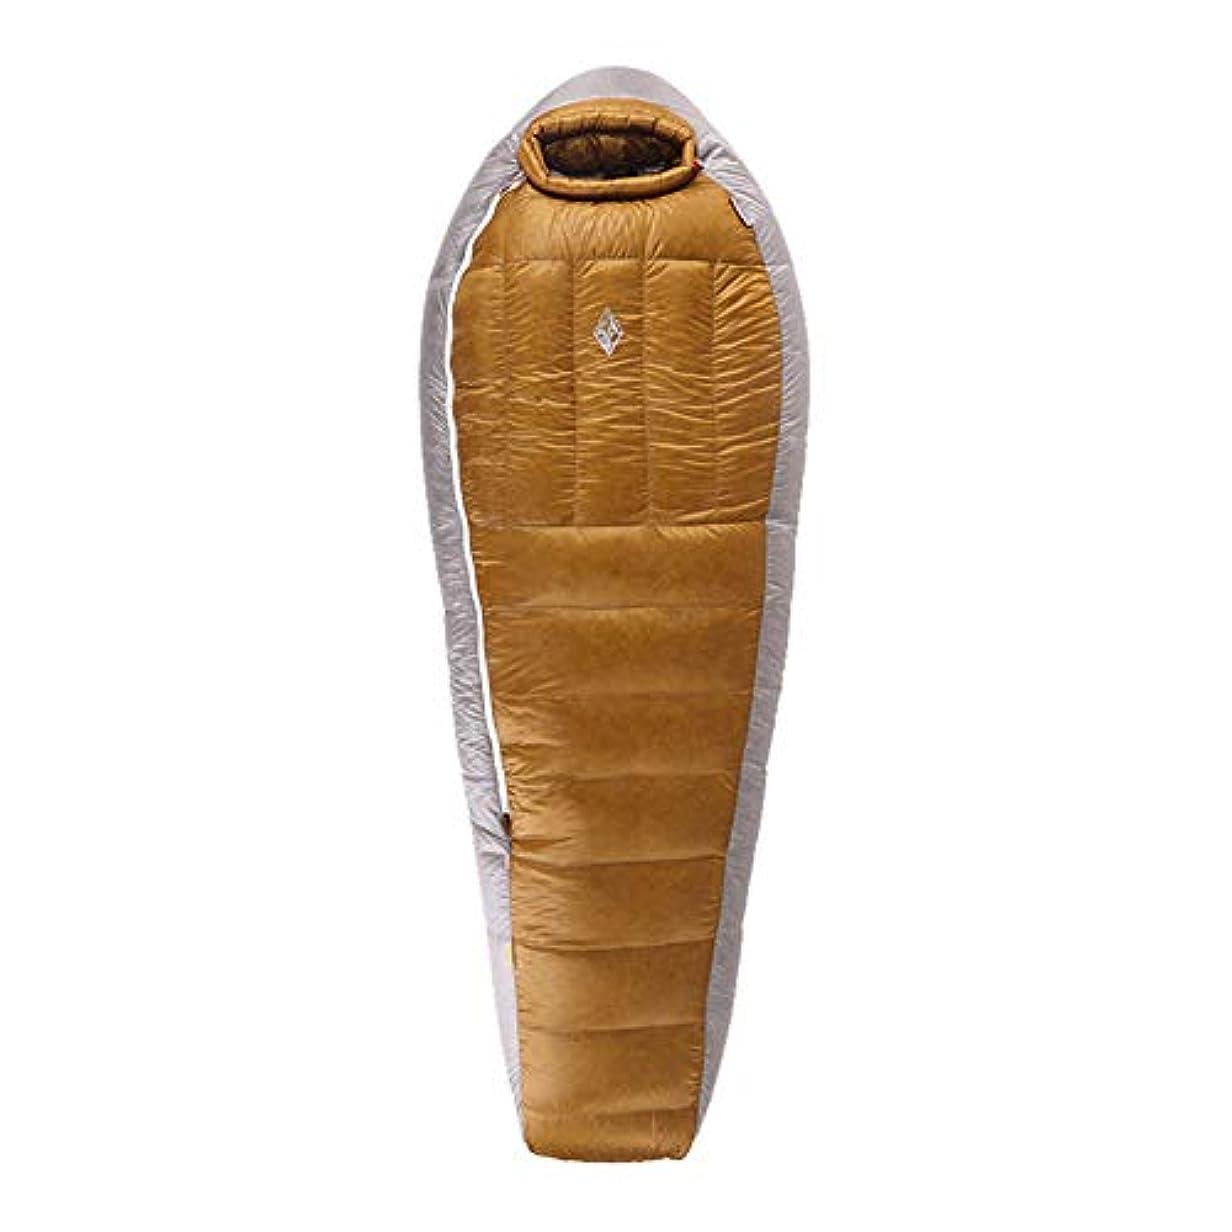 ジョイント性能純粋なDurable,breathable,comfortableスリーピングバッグ、軽量ミイラ睡眠バッグ大人の冬の暖かい睡眠袋快適な通気性のスリーピングパッドは、全体にキャンプエクストリーム探検のための素晴らしいです,A